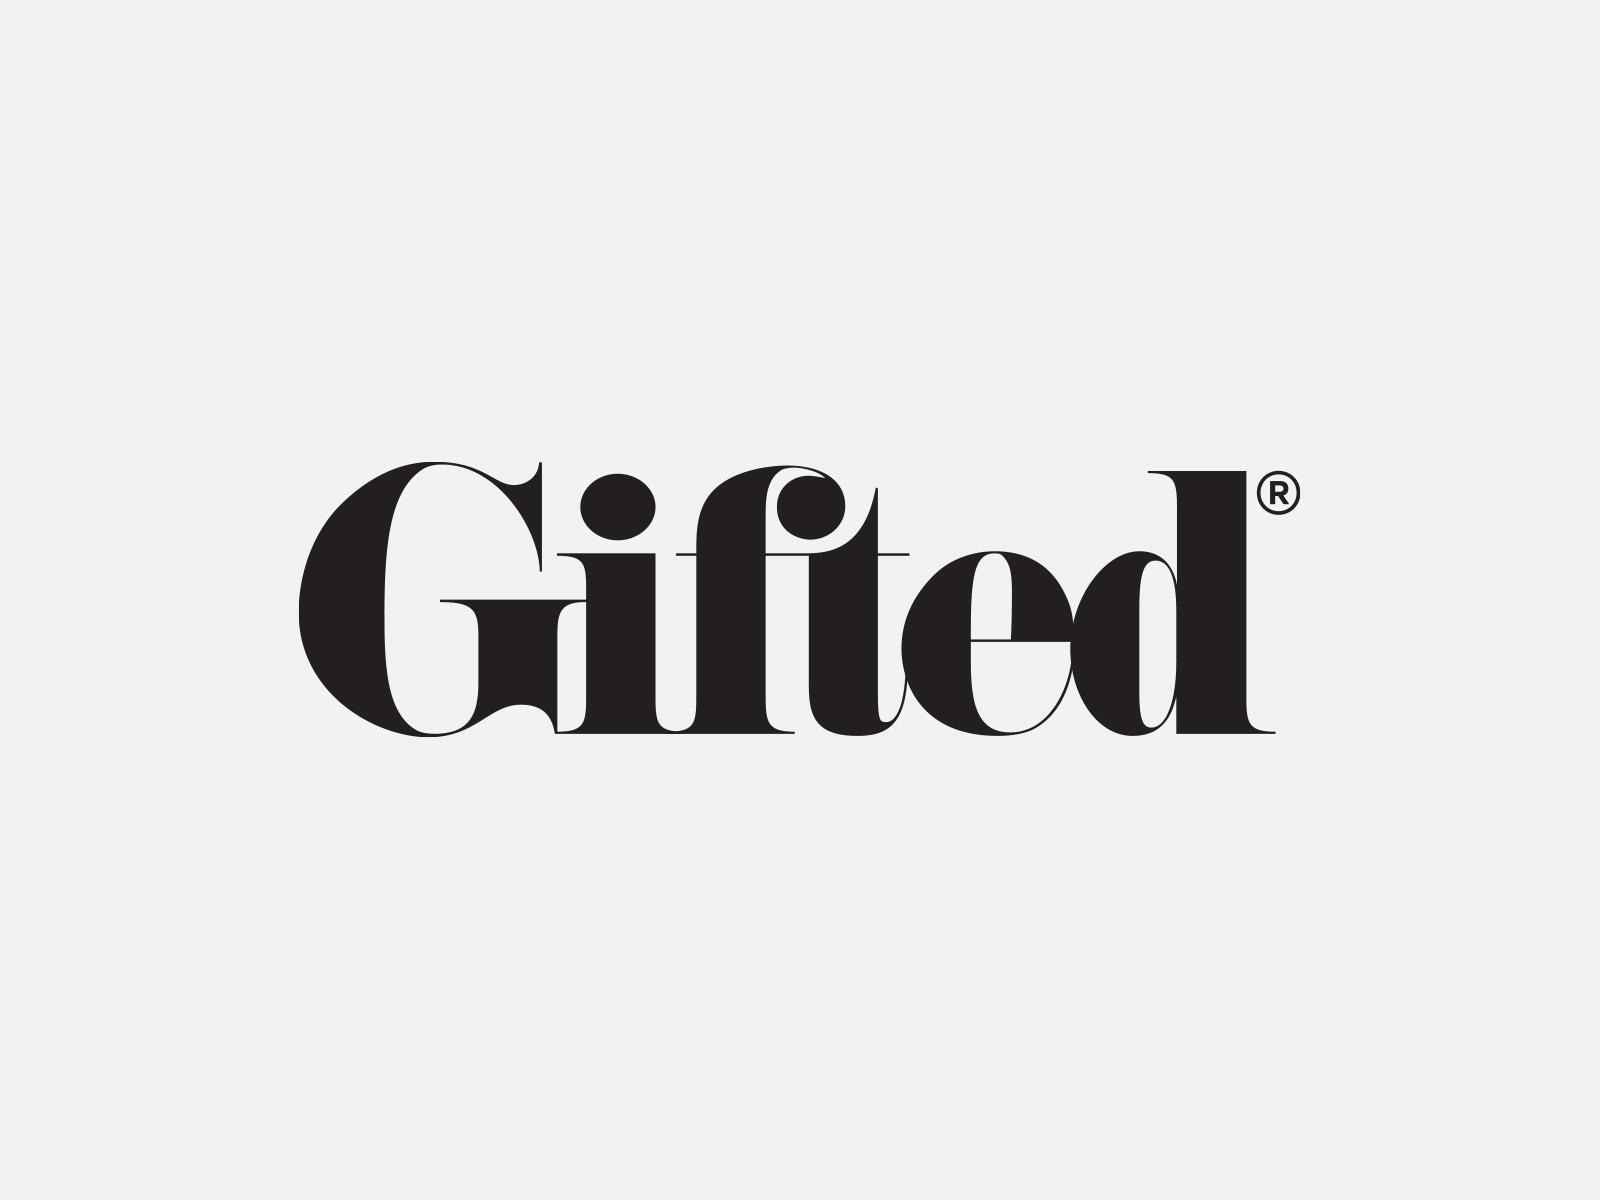 Gifted logo, by Leo Burnett Design, Toronto